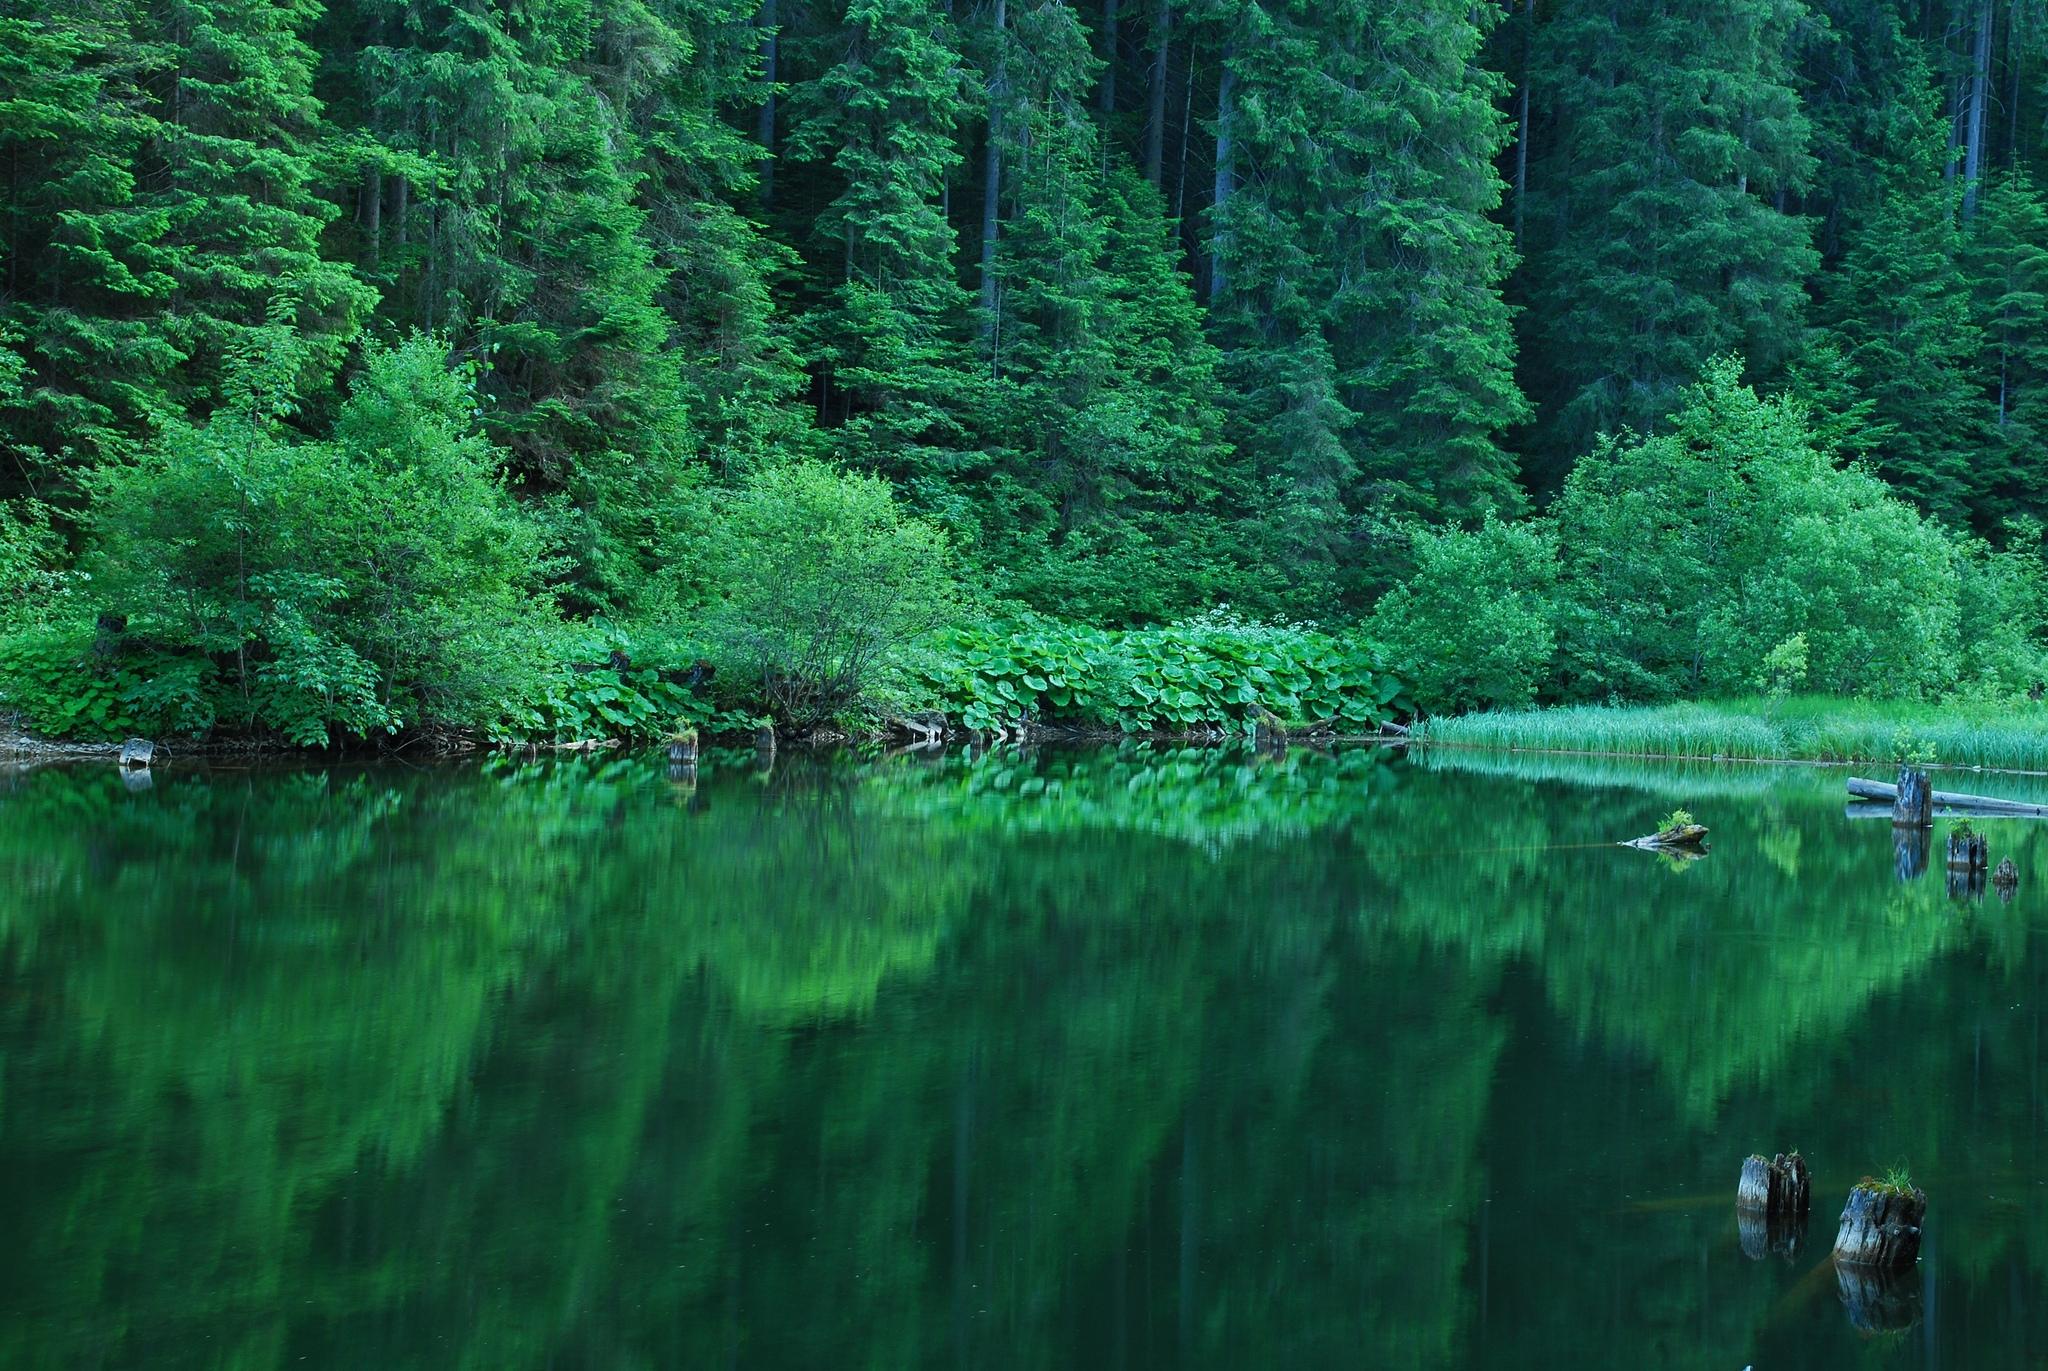 красивые картинки с лесом и водой настоящие фото просто